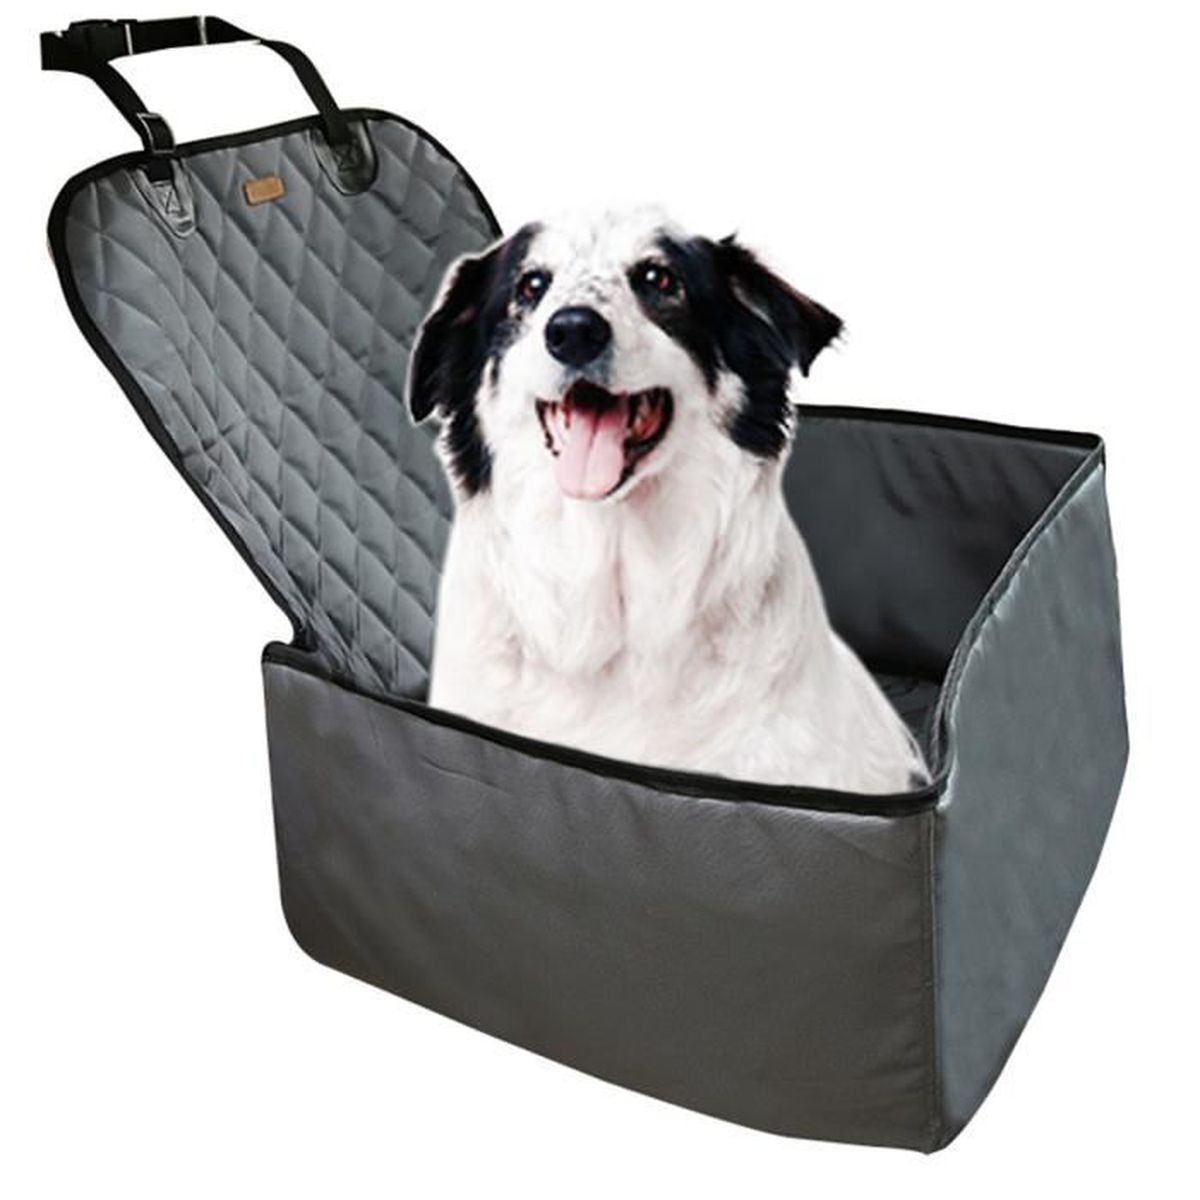 housse pour panier chien achat vente housse pour. Black Bedroom Furniture Sets. Home Design Ideas